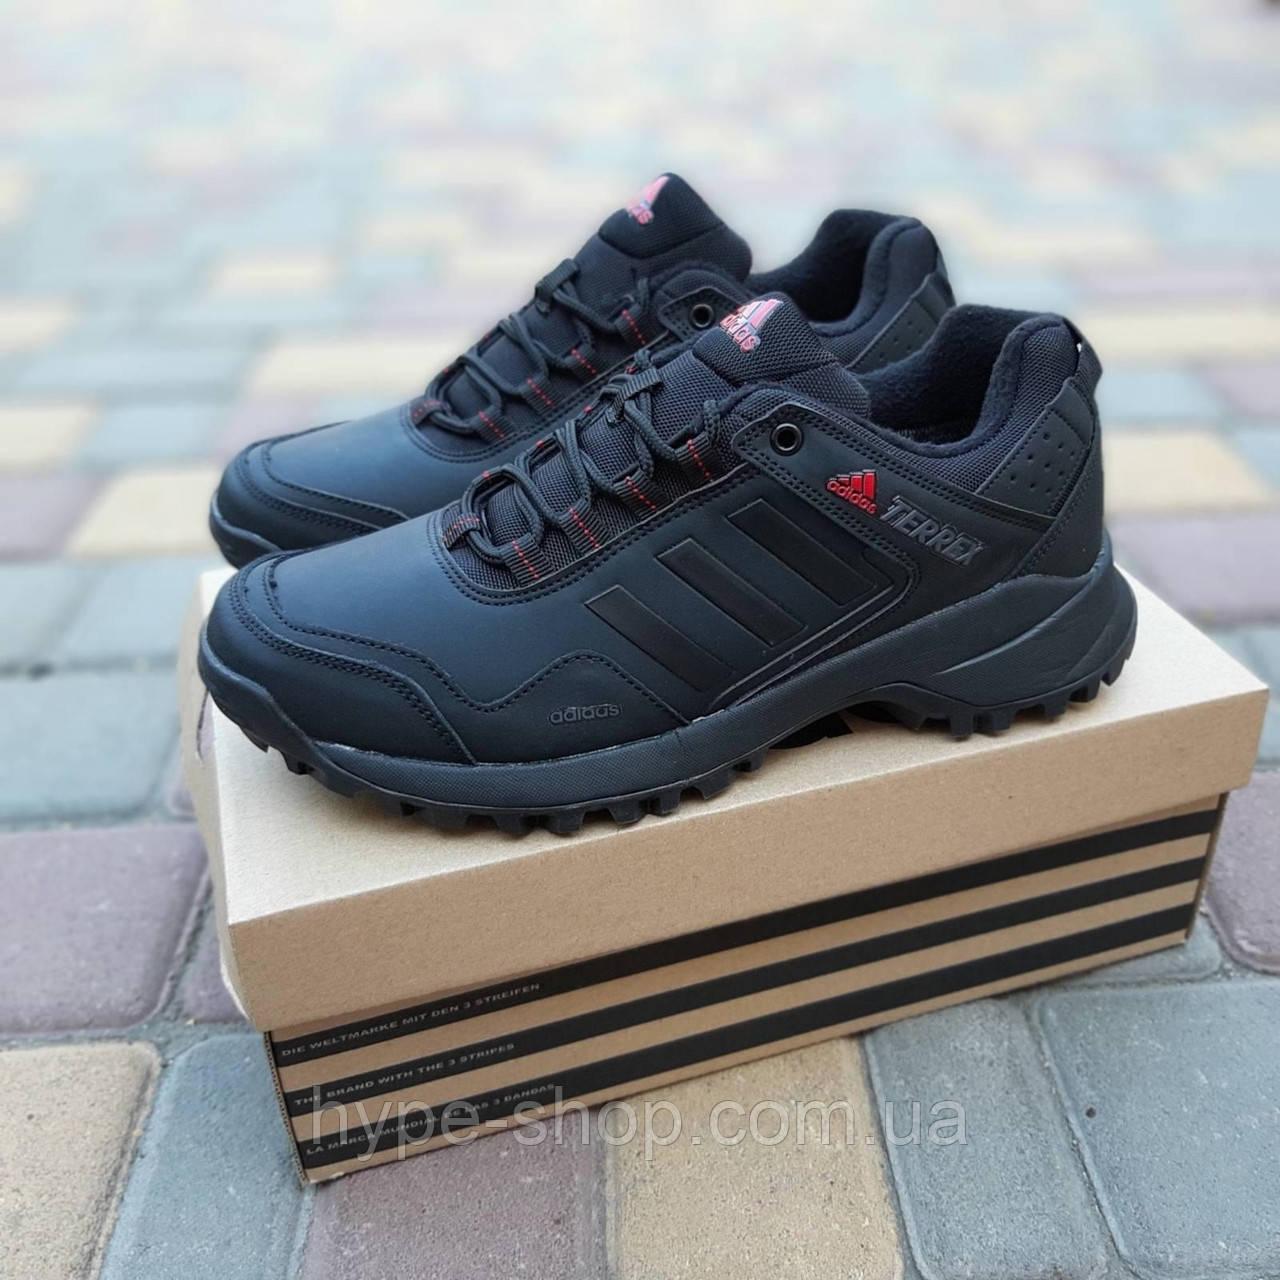 Мужские зимние кроссовки Adidas Terrex черный реплика